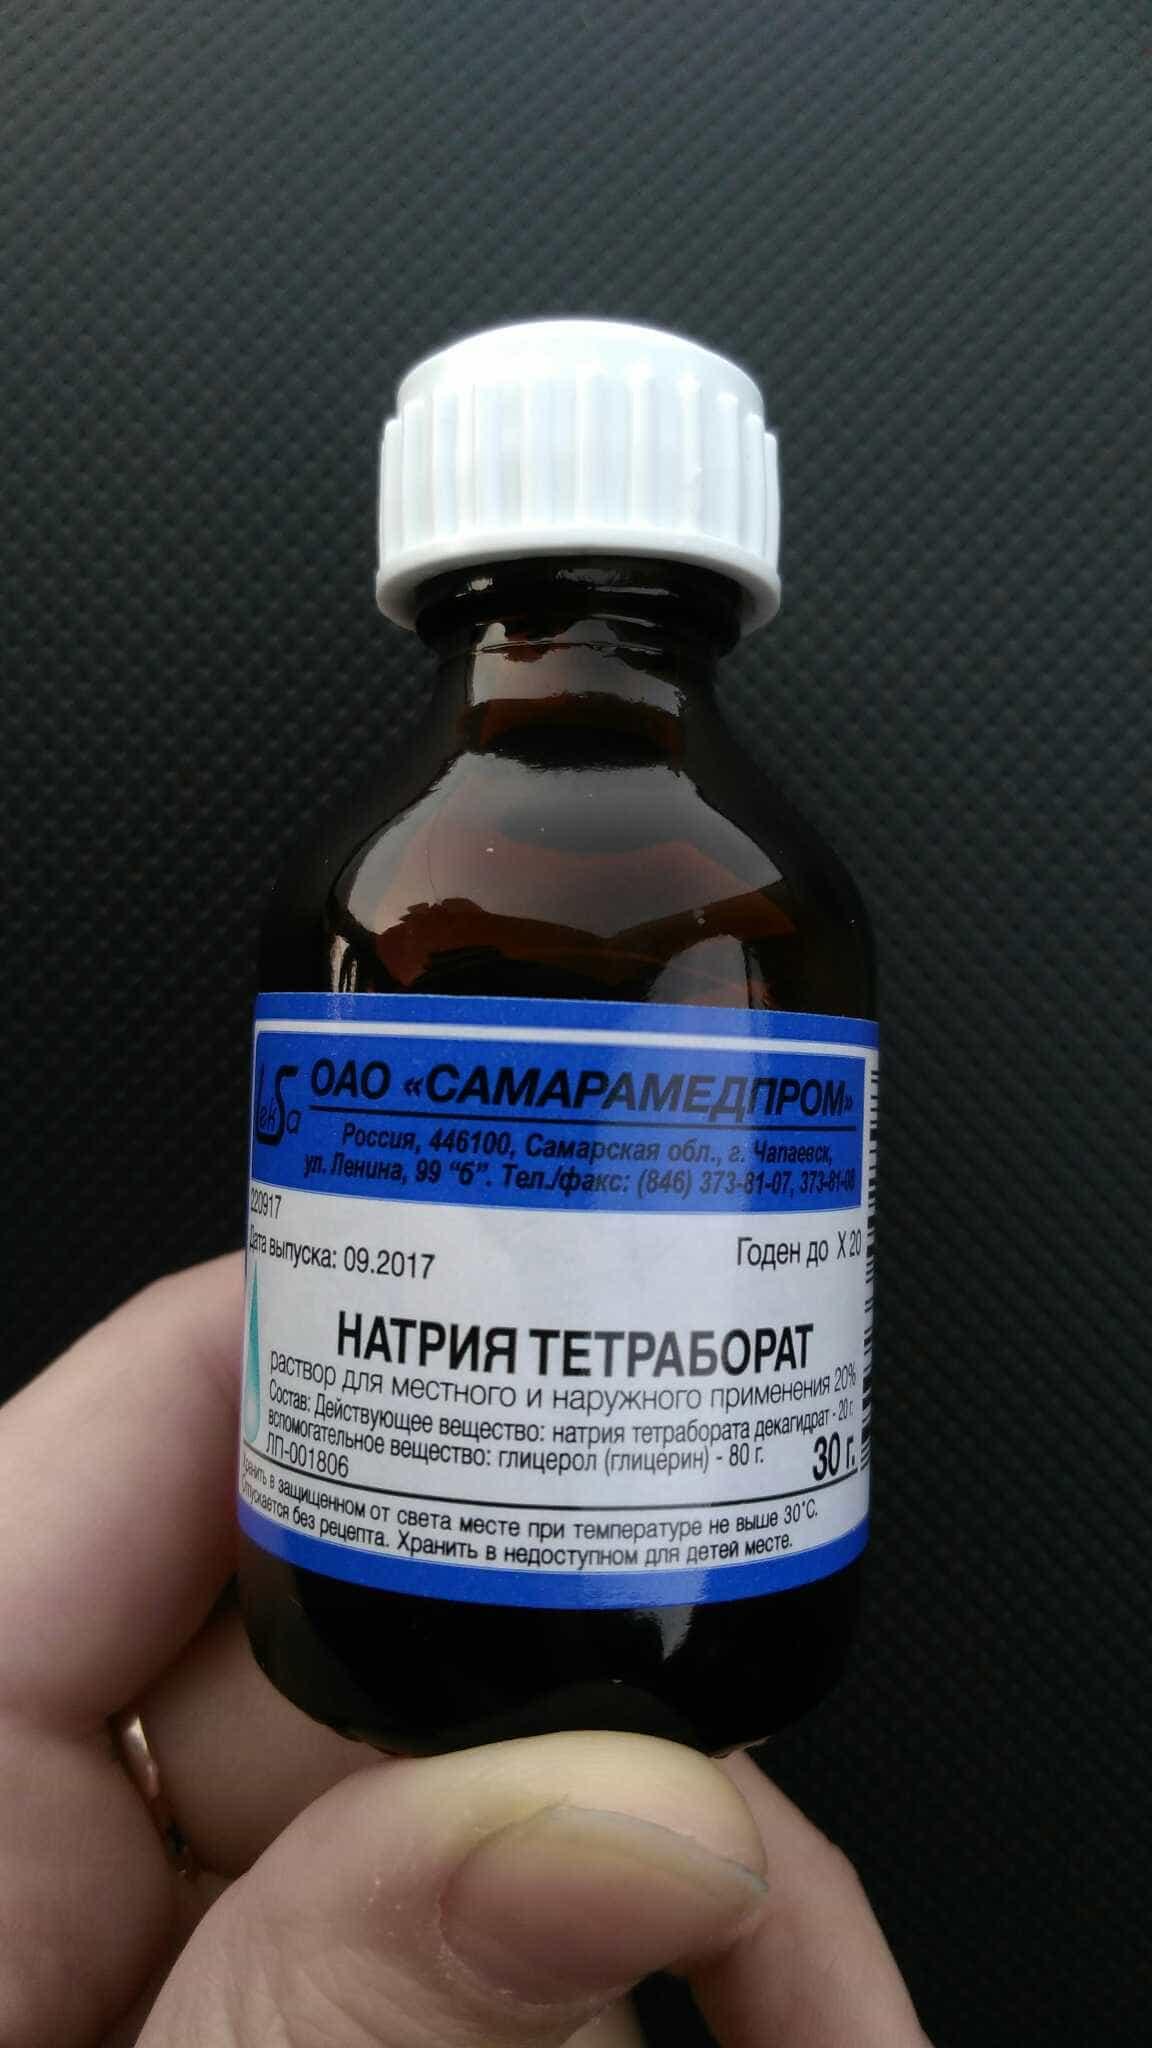 Топ 20 рецептов, как сделать лизуна из тетрабората натрия в домашних условиях